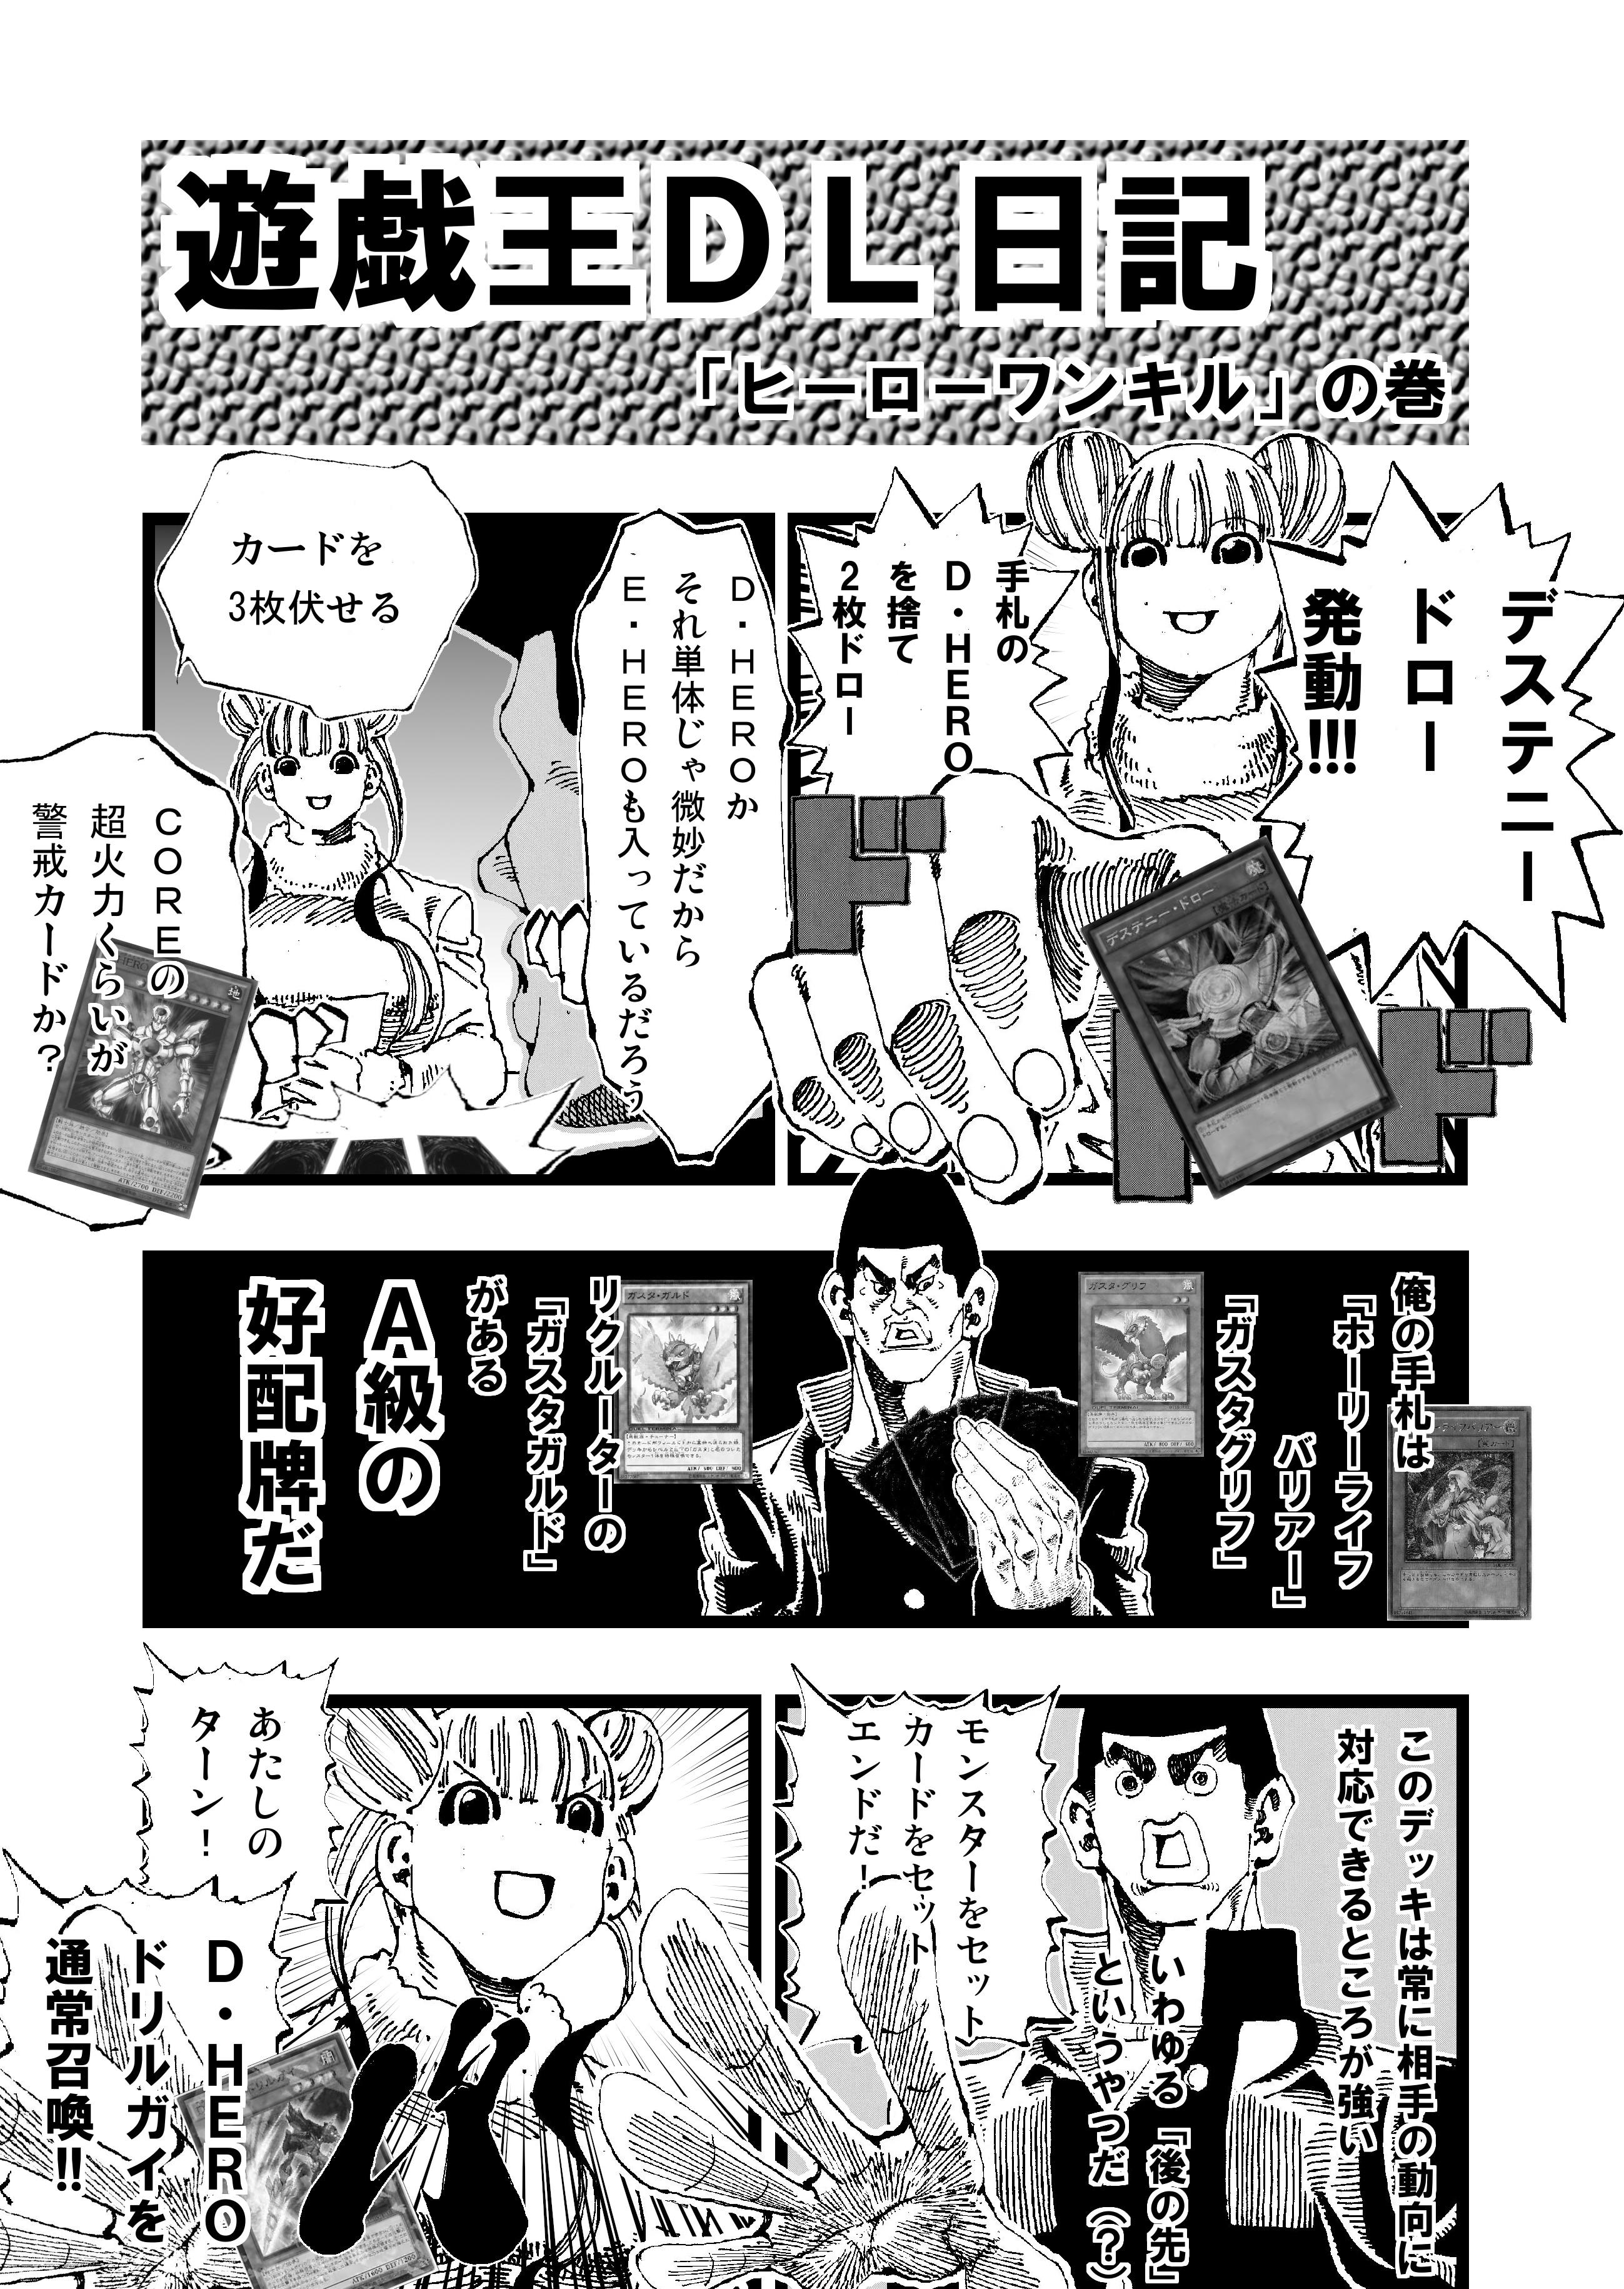 遊戯王デュエルリンクス日記38 ダメステ